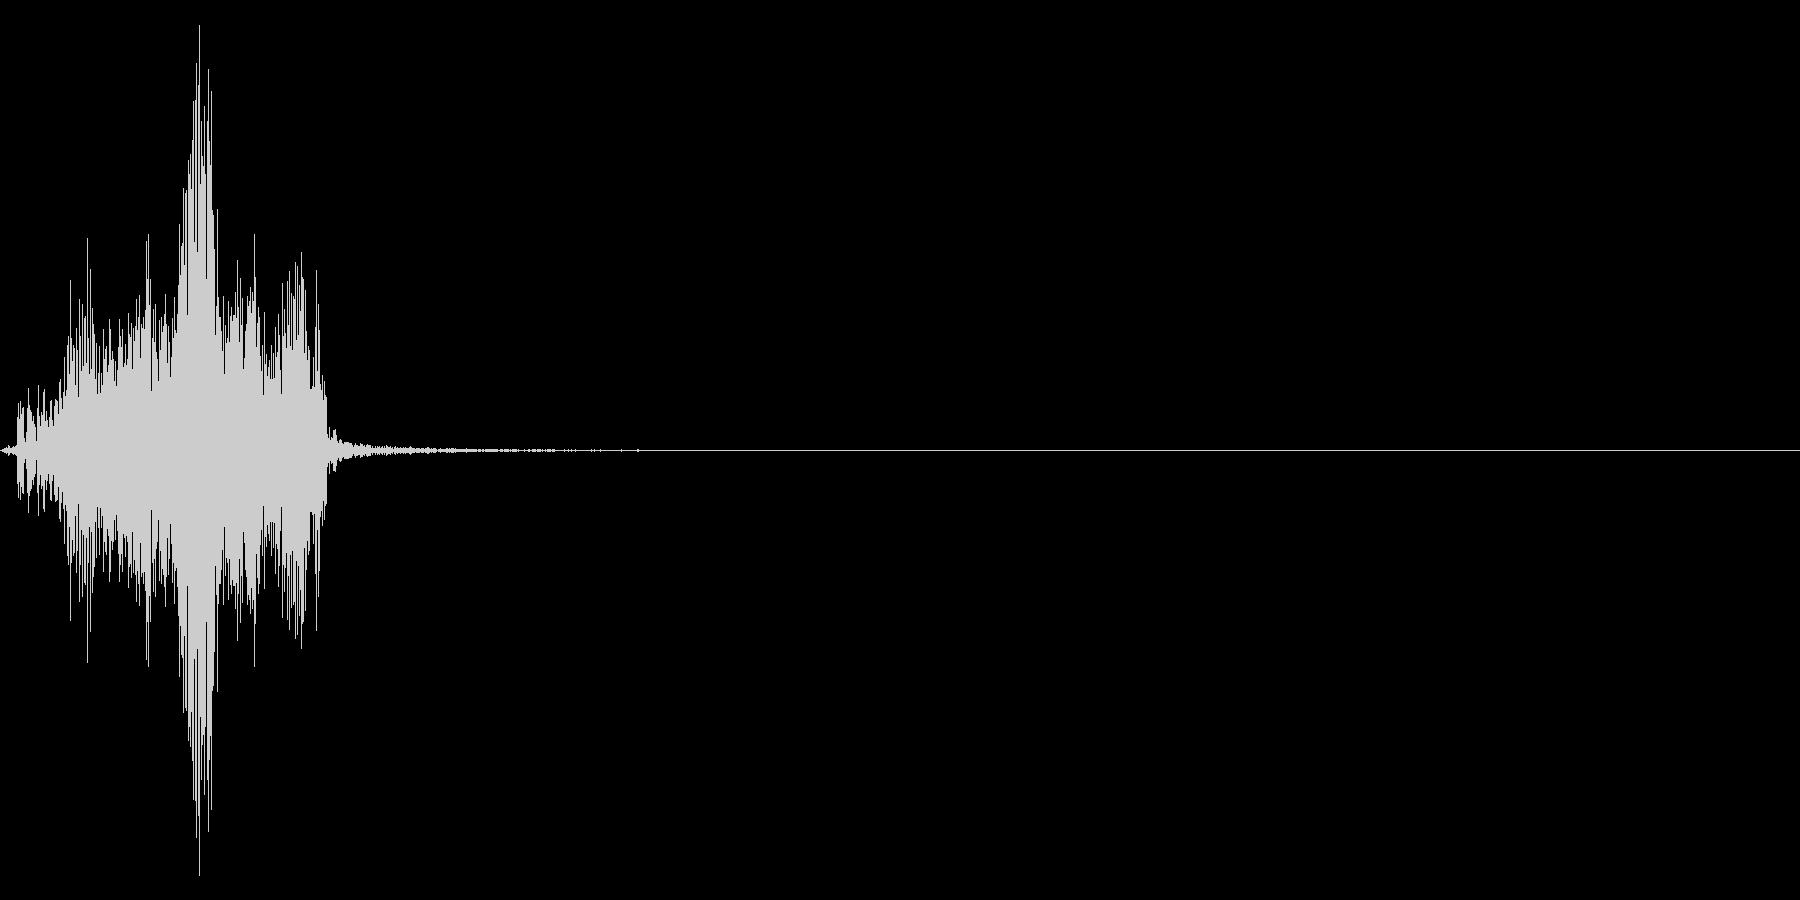 ジッパー、ファスナーを閉じる音2-5の未再生の波形